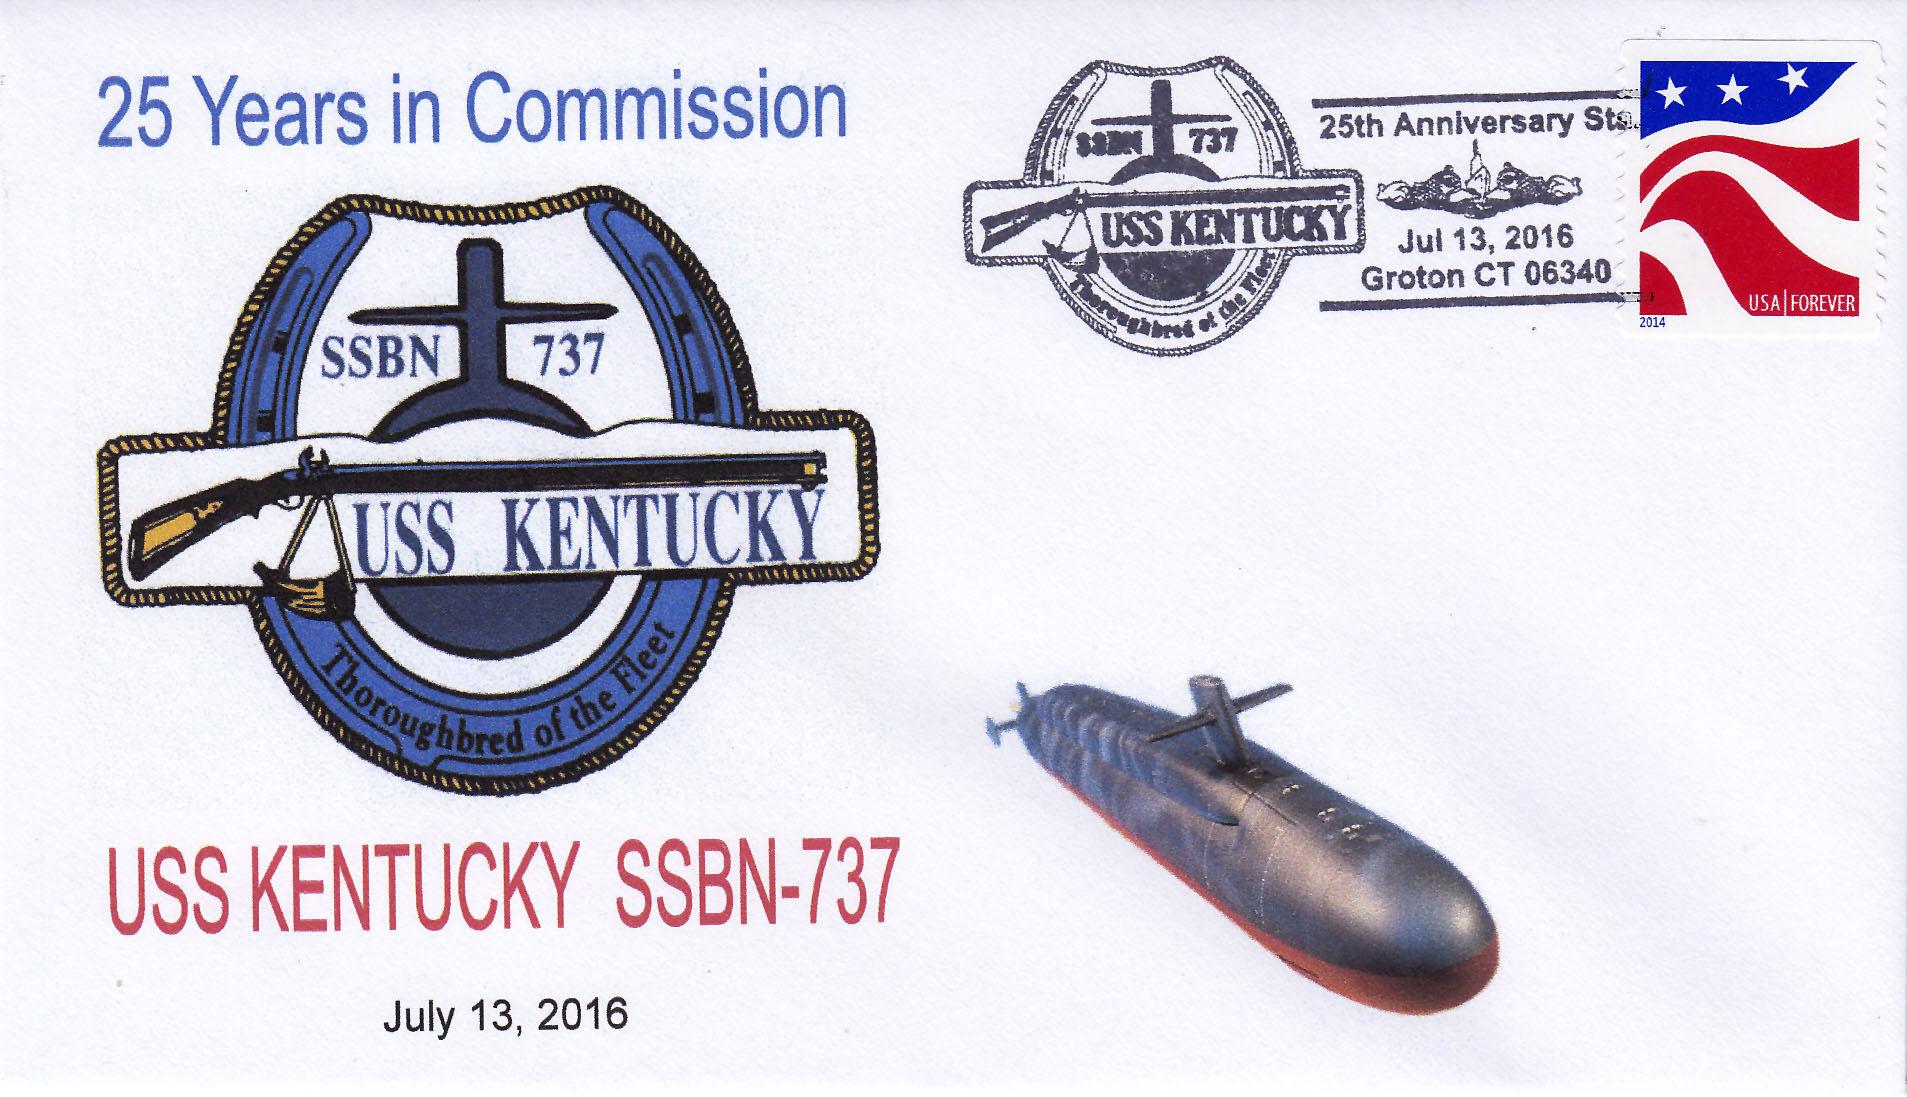 Beleg USS KENTUCKY SSBN-737  25 Jahre im Dienst